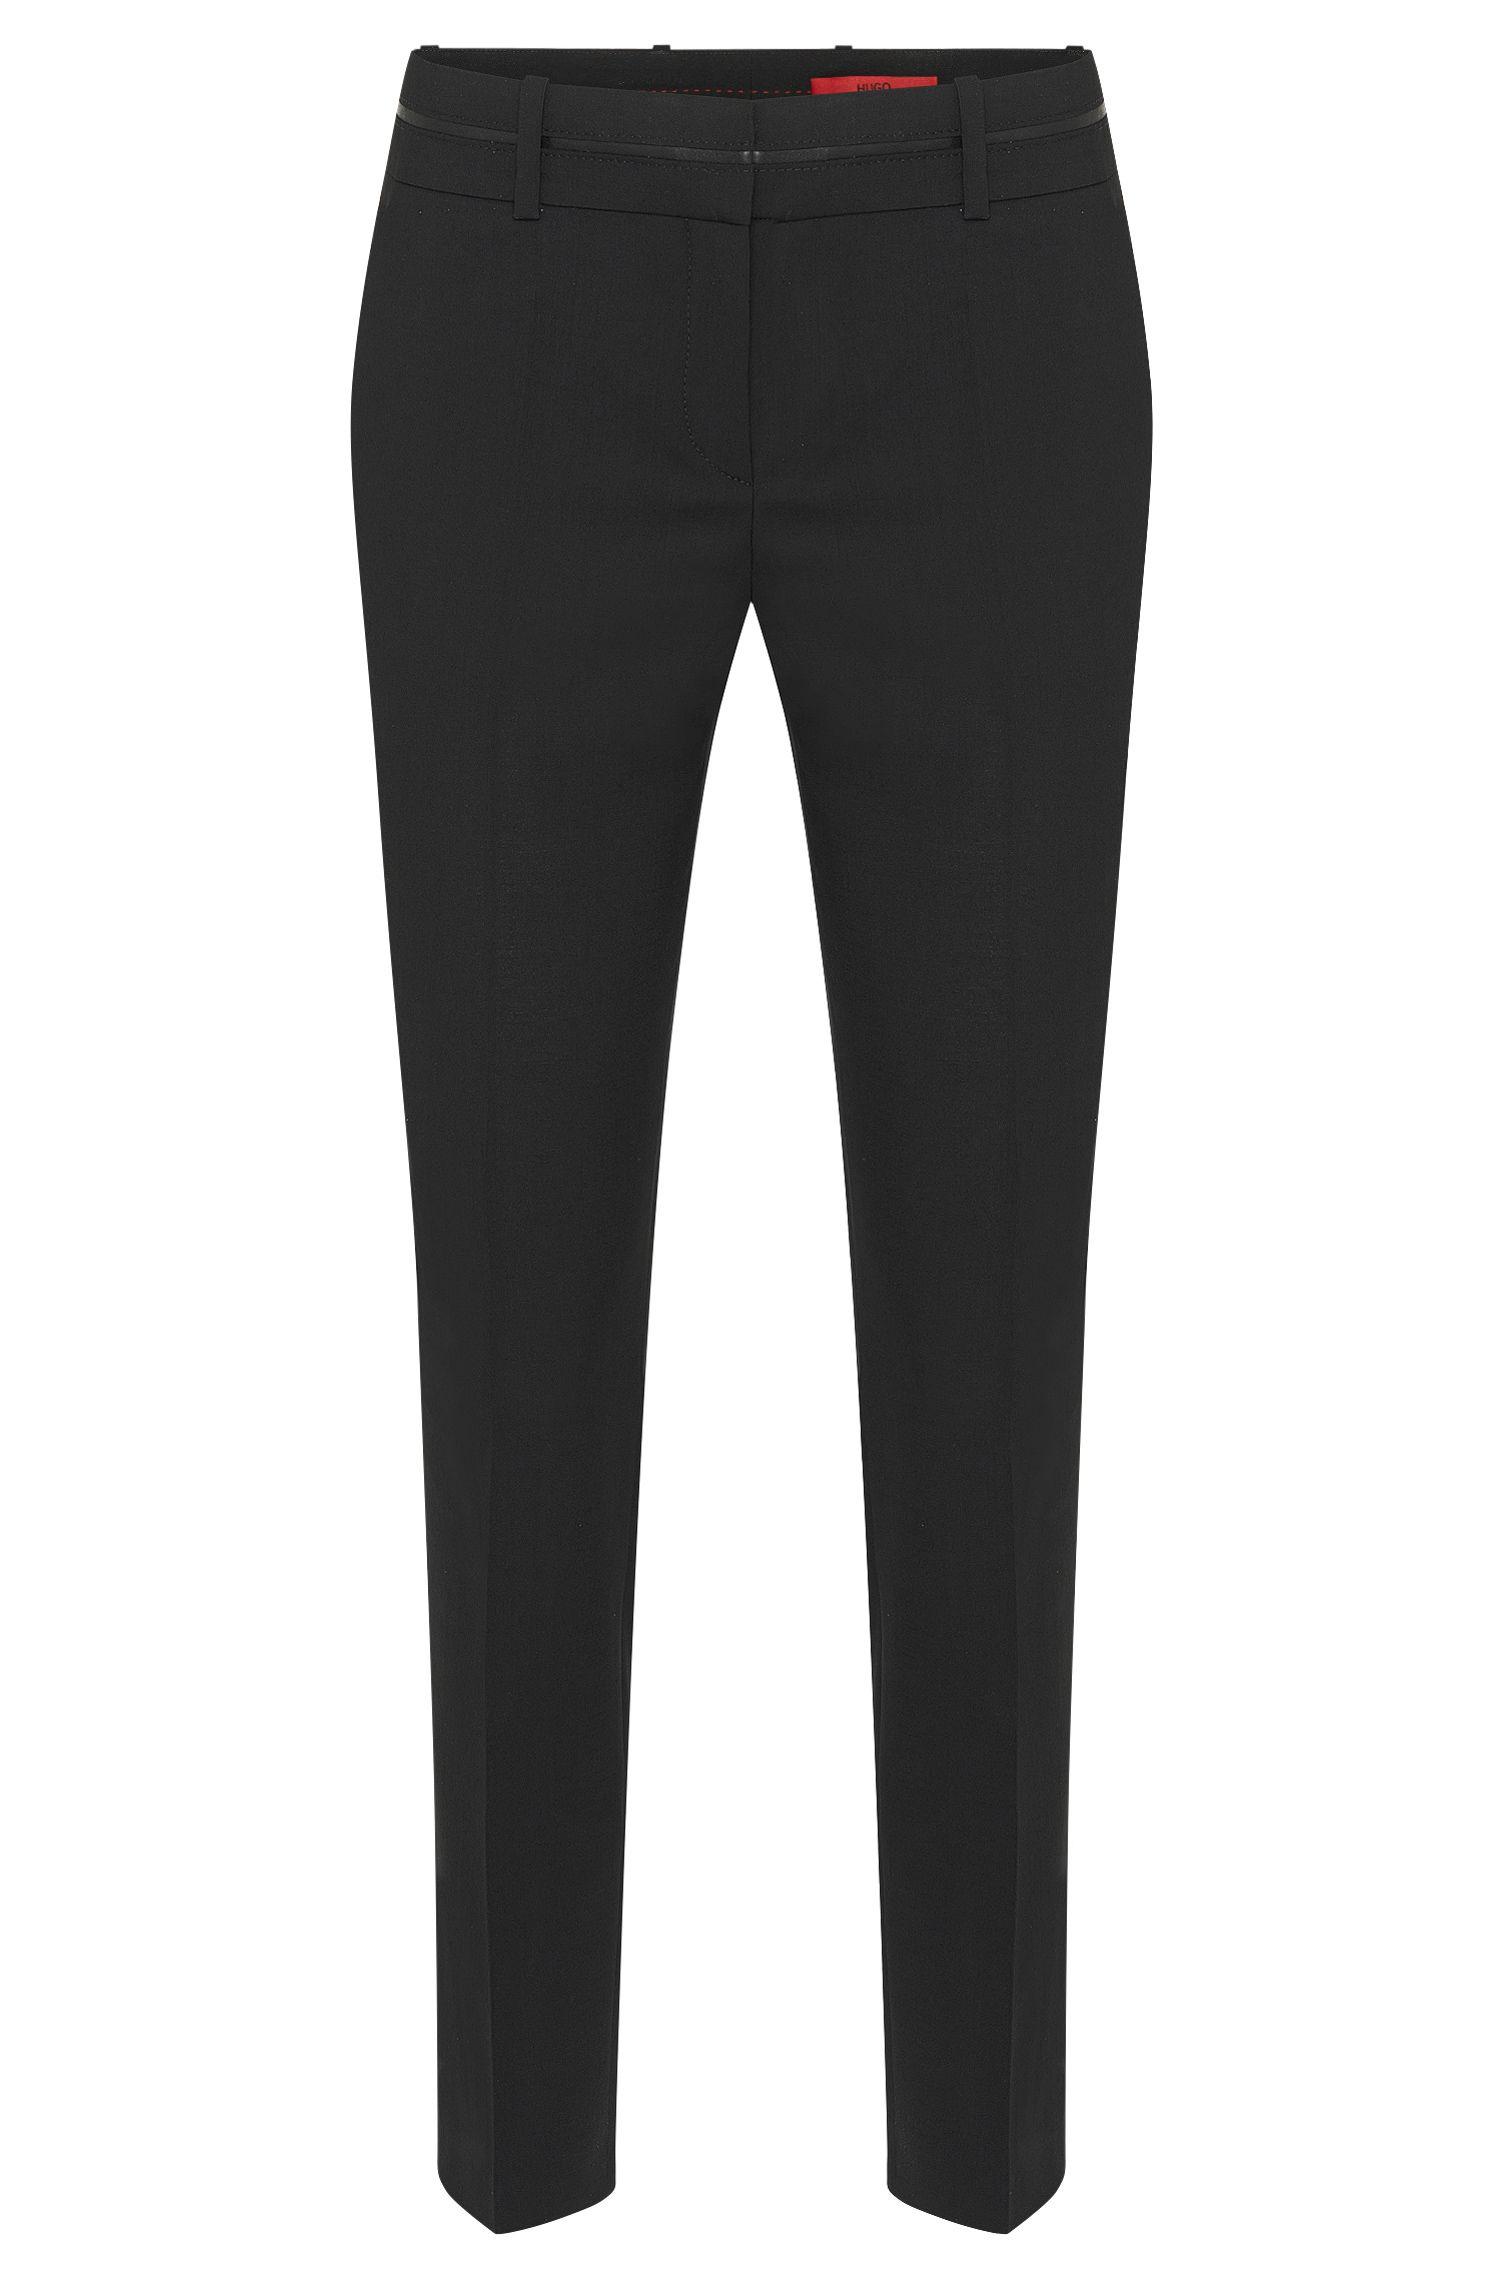 Pantalon HUGO Femme Slim Fit présentant une taille passepoilée